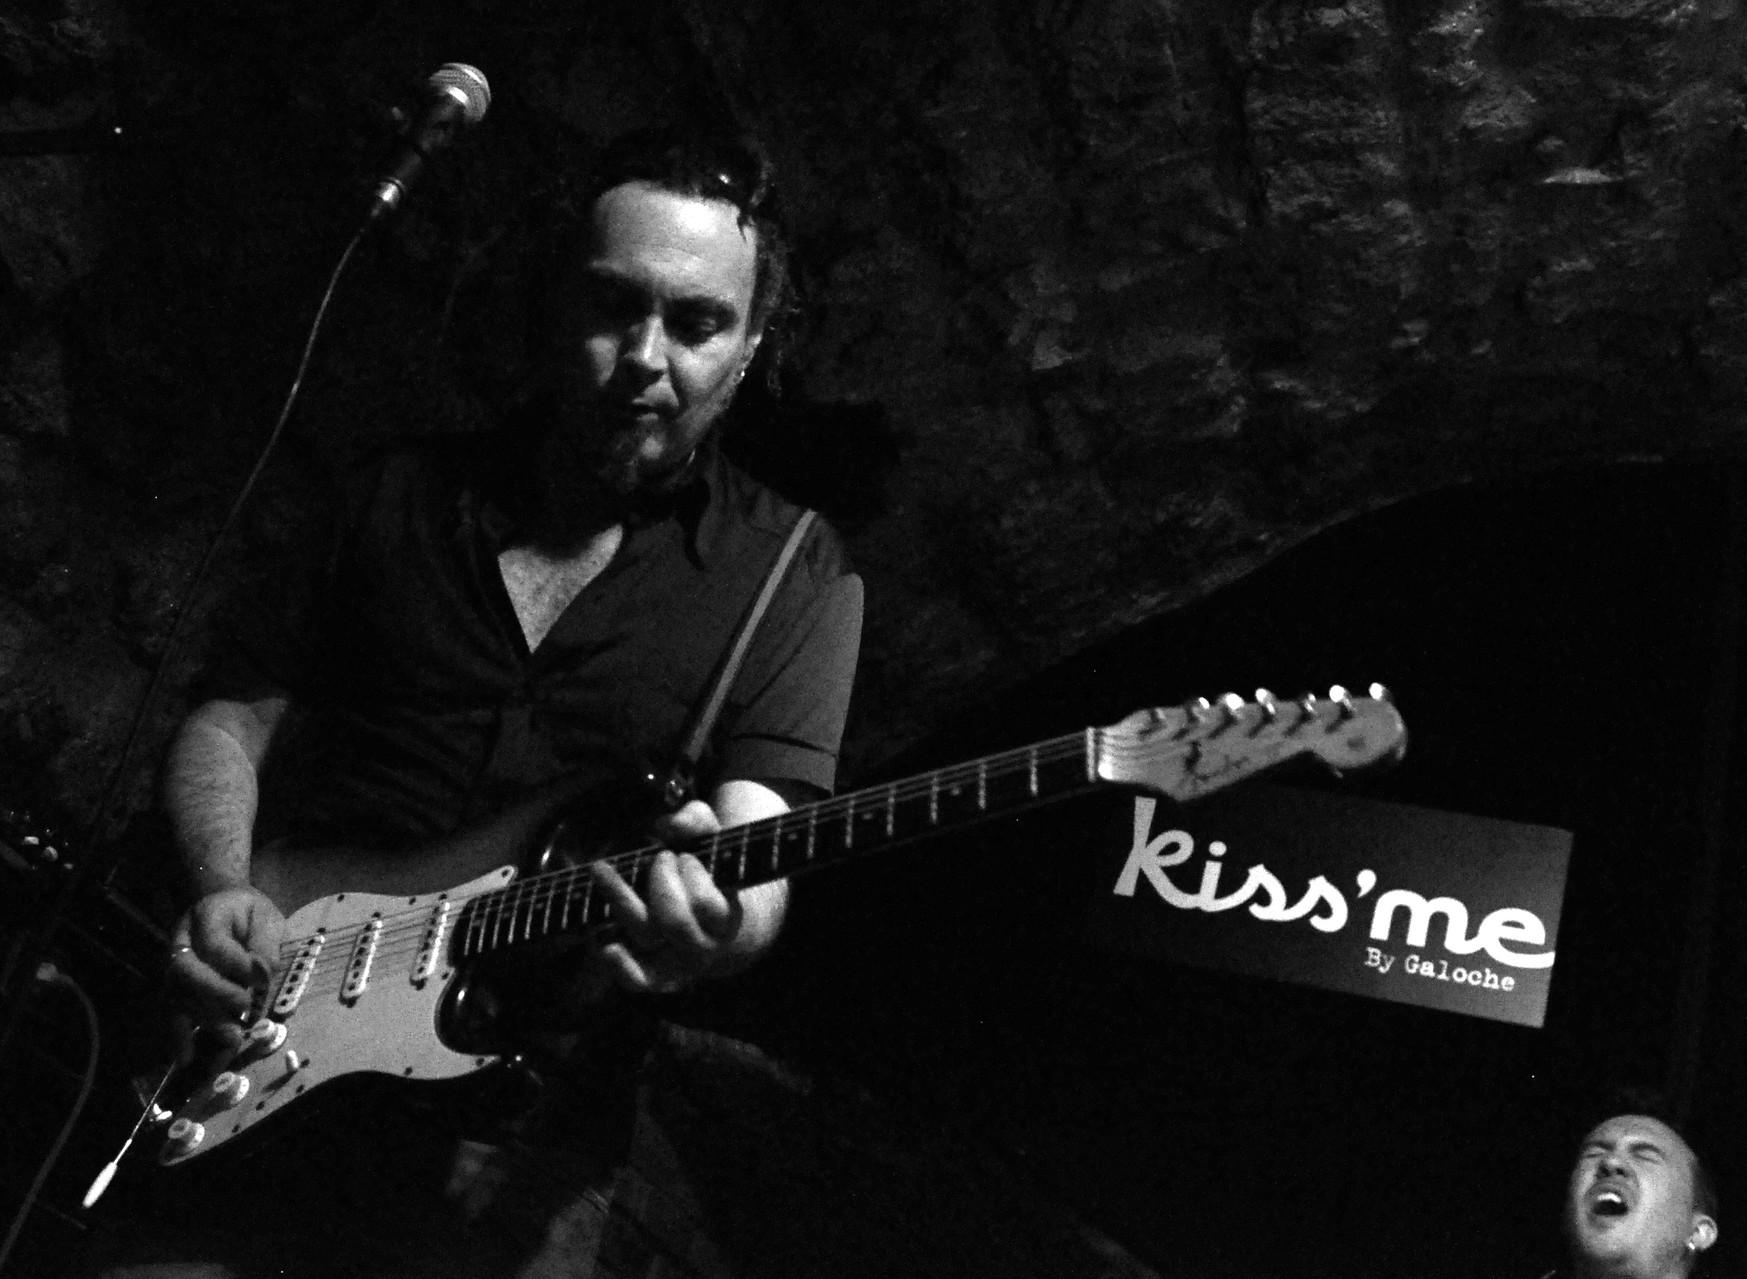 25 avril 2013 - Éric Sauviat Trio feat. Seb Chouard @ Kiss'Me